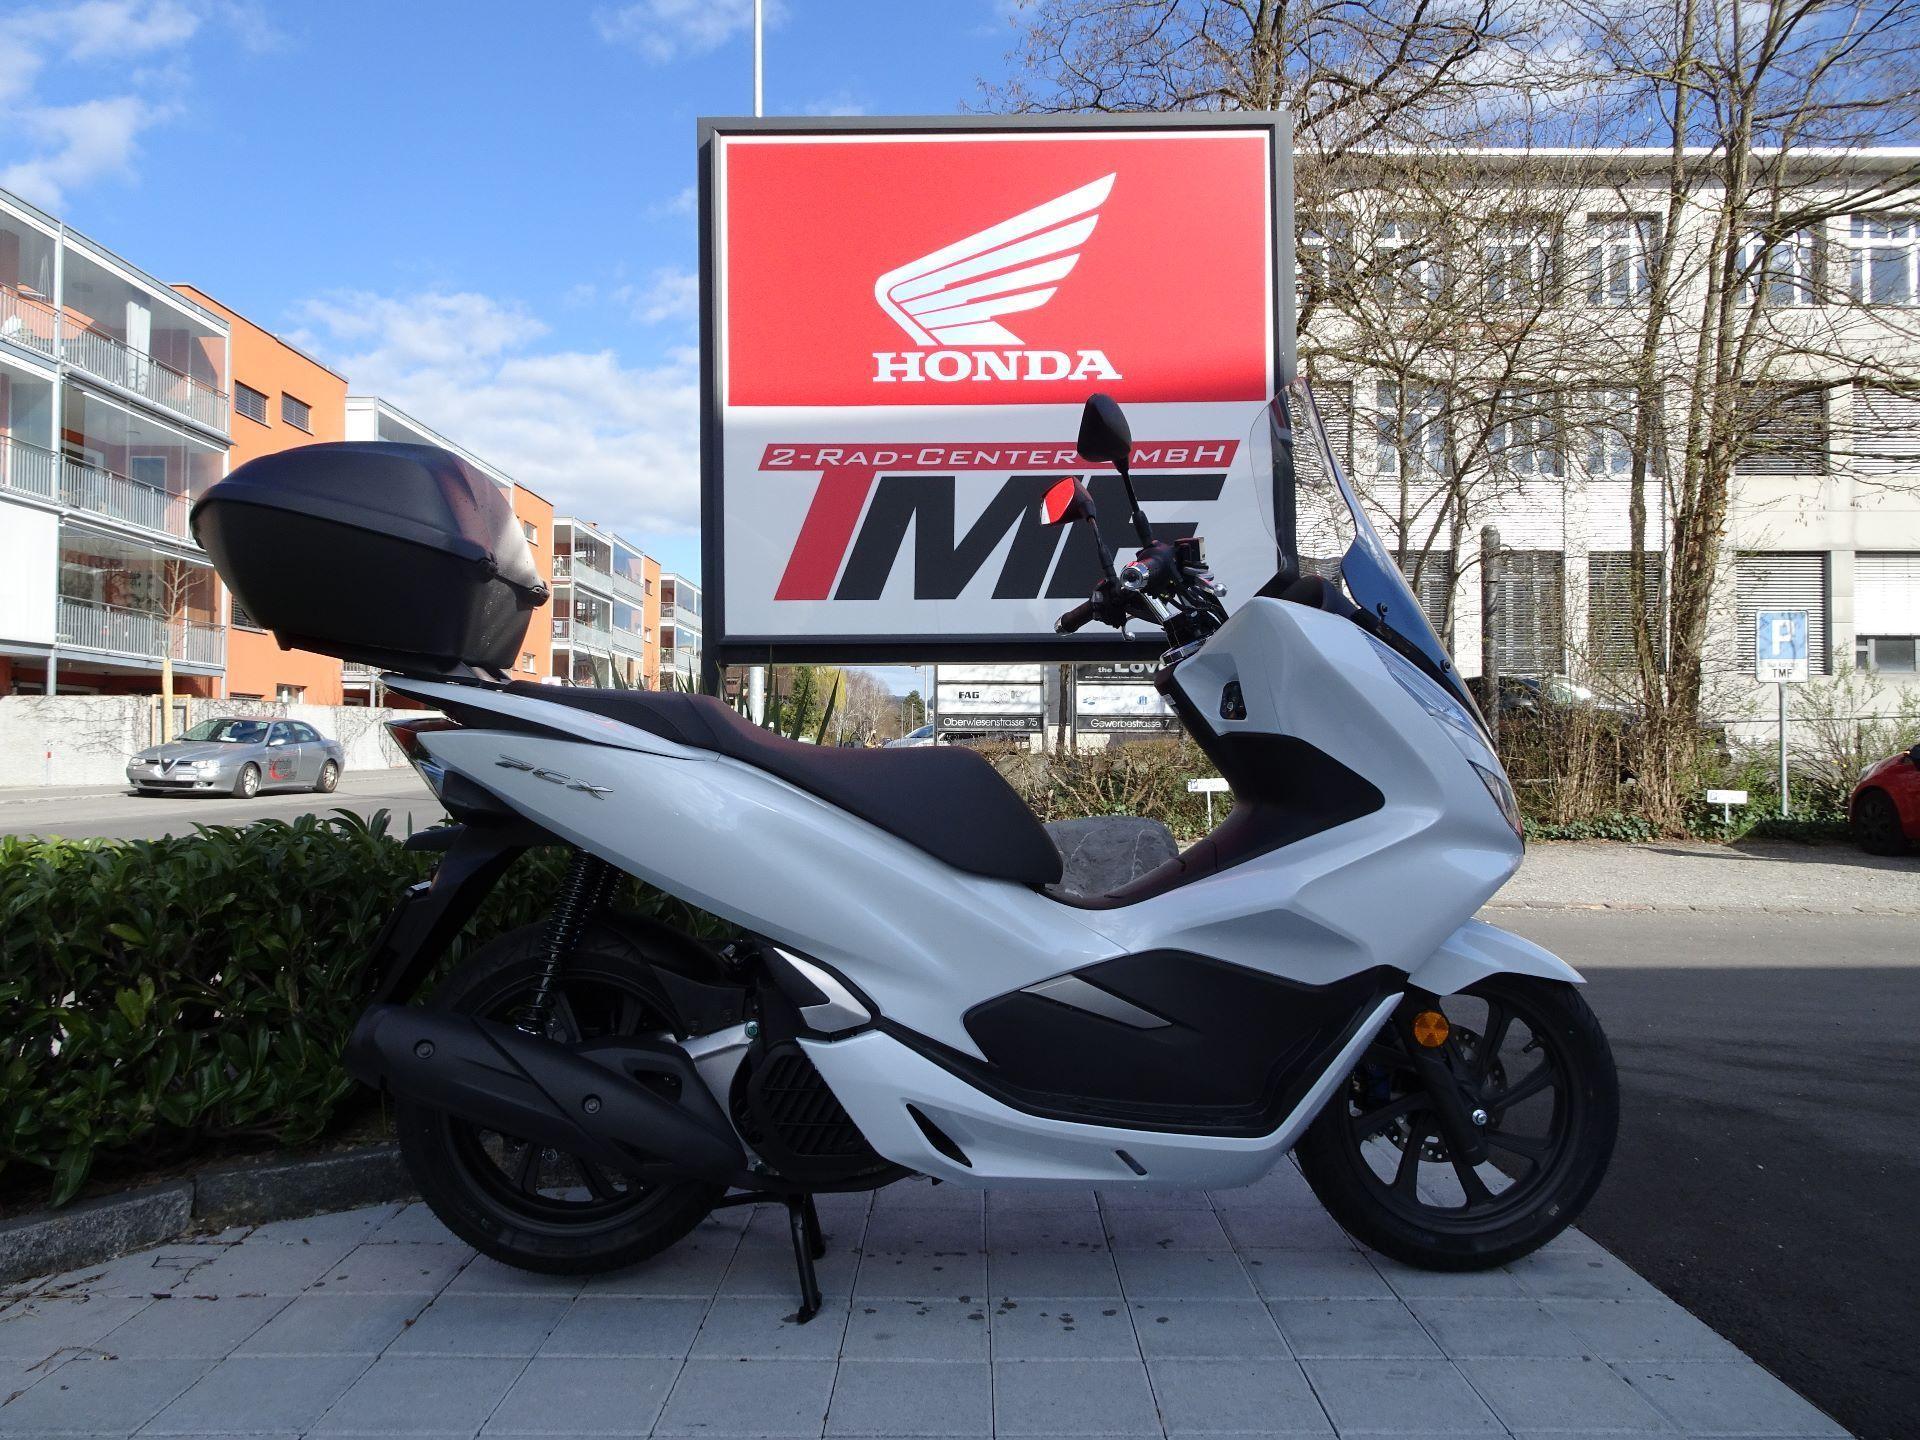 Motorrad Mieten & Roller Mieten HONDA PCX WW 125 EX2 City-Pack